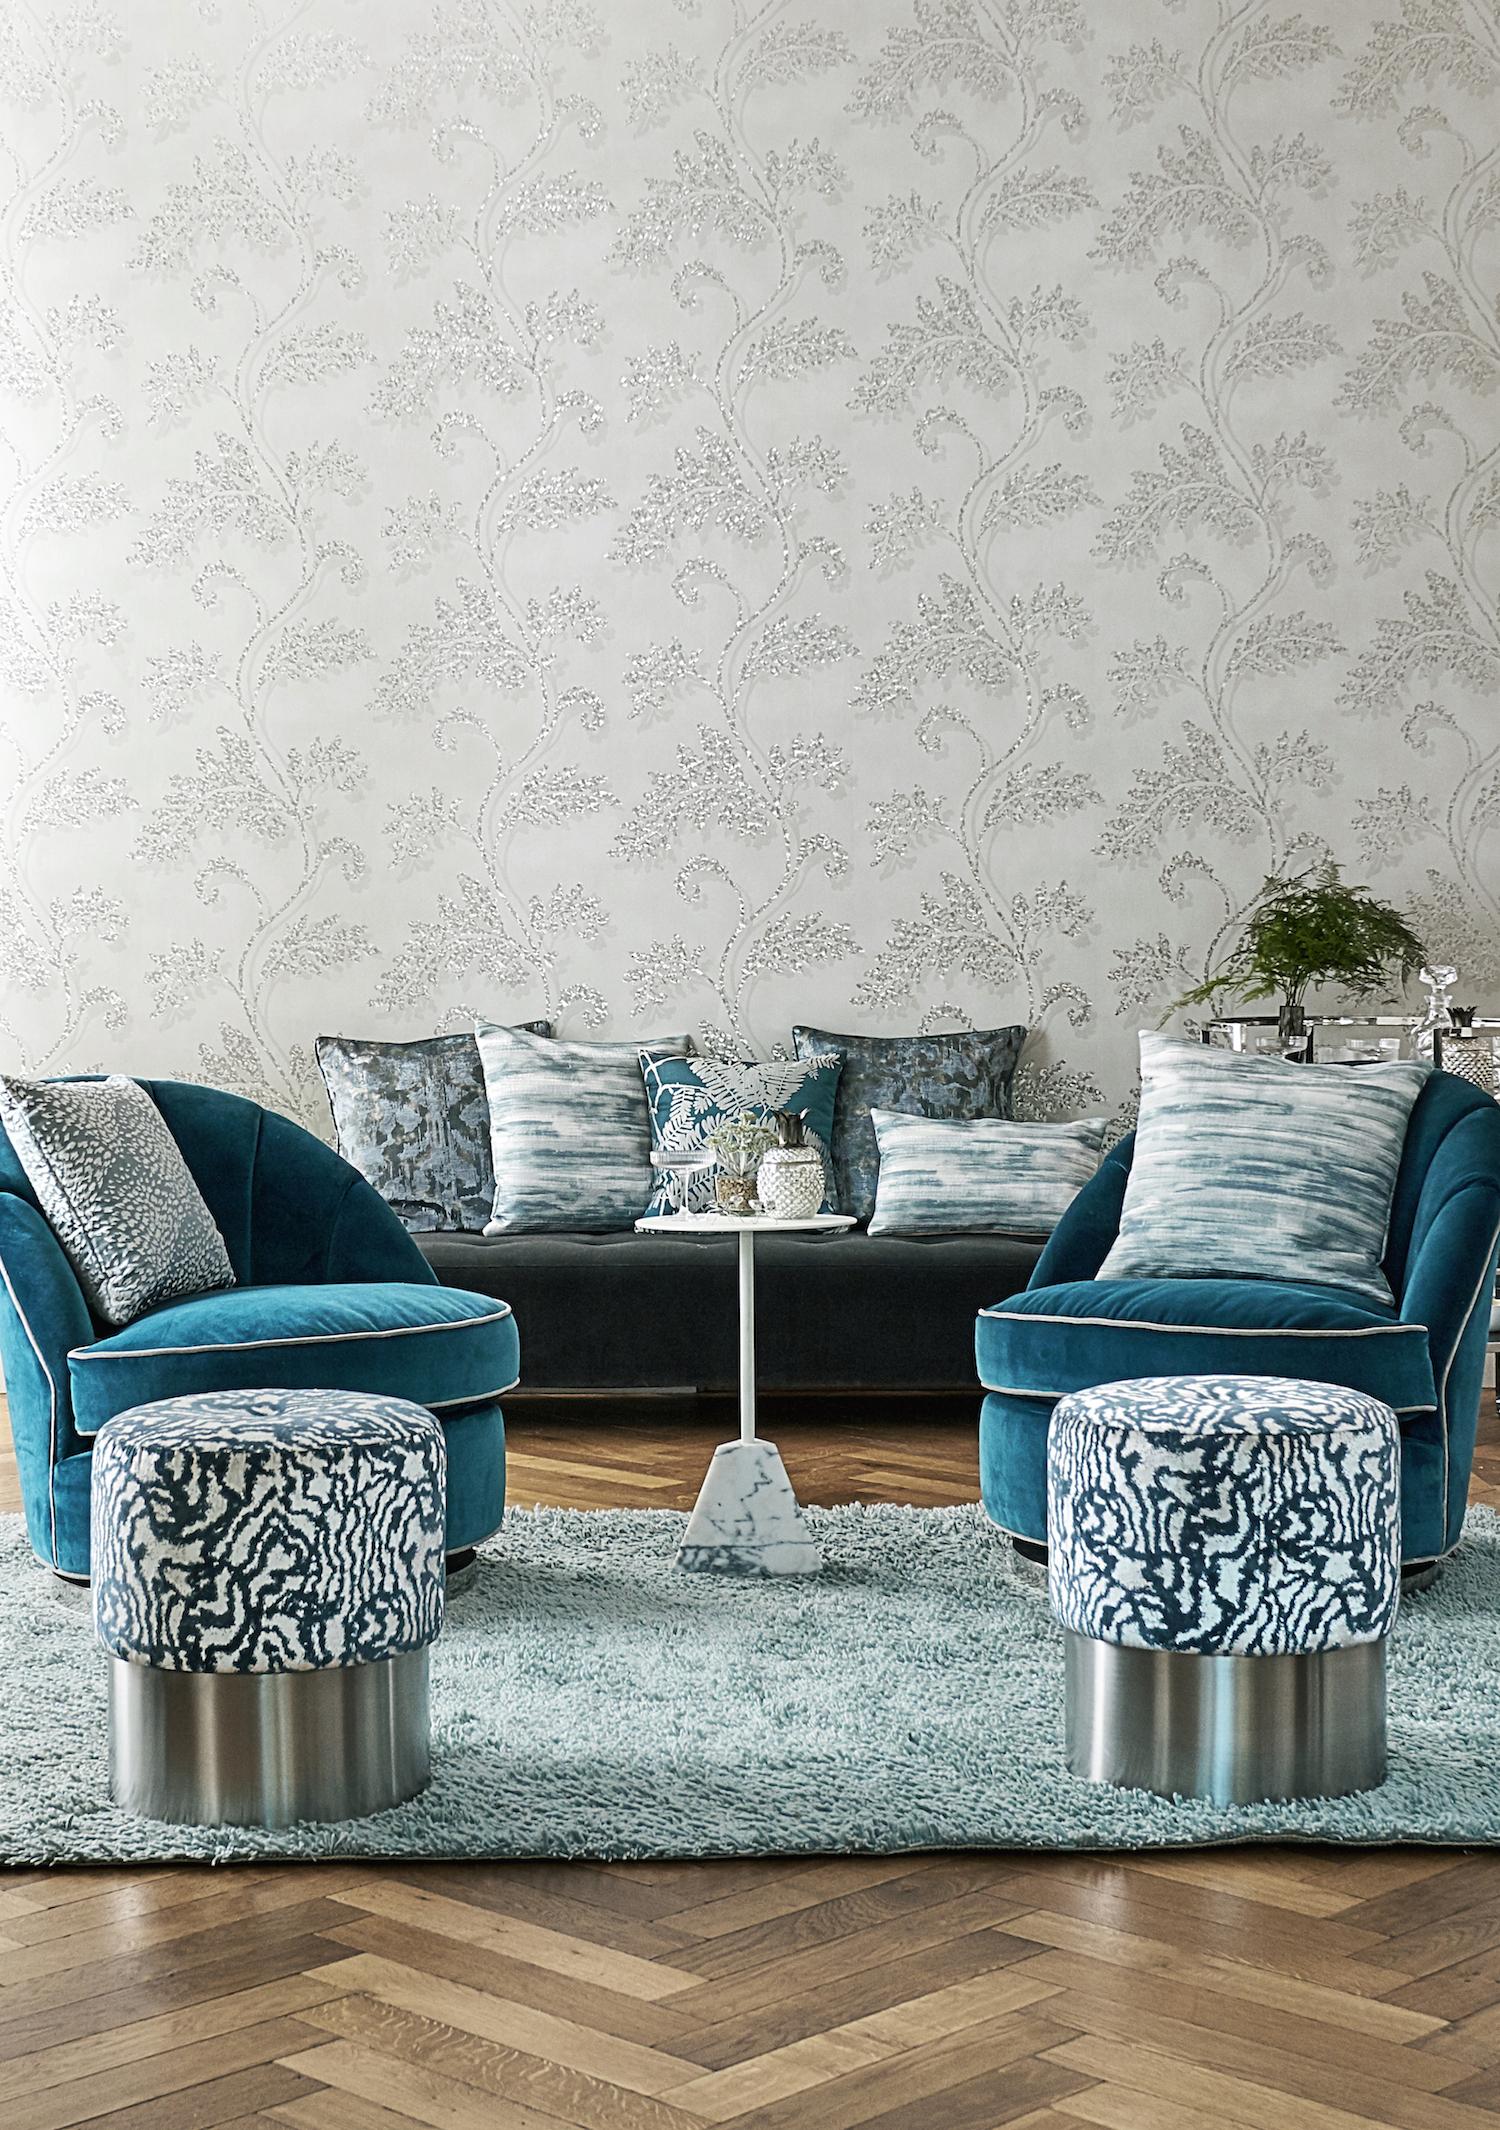 Curtain: Seduire - £60 per m, Chaise: Baroc - £100 per m, Cushion: Harmonise - £60 per m.